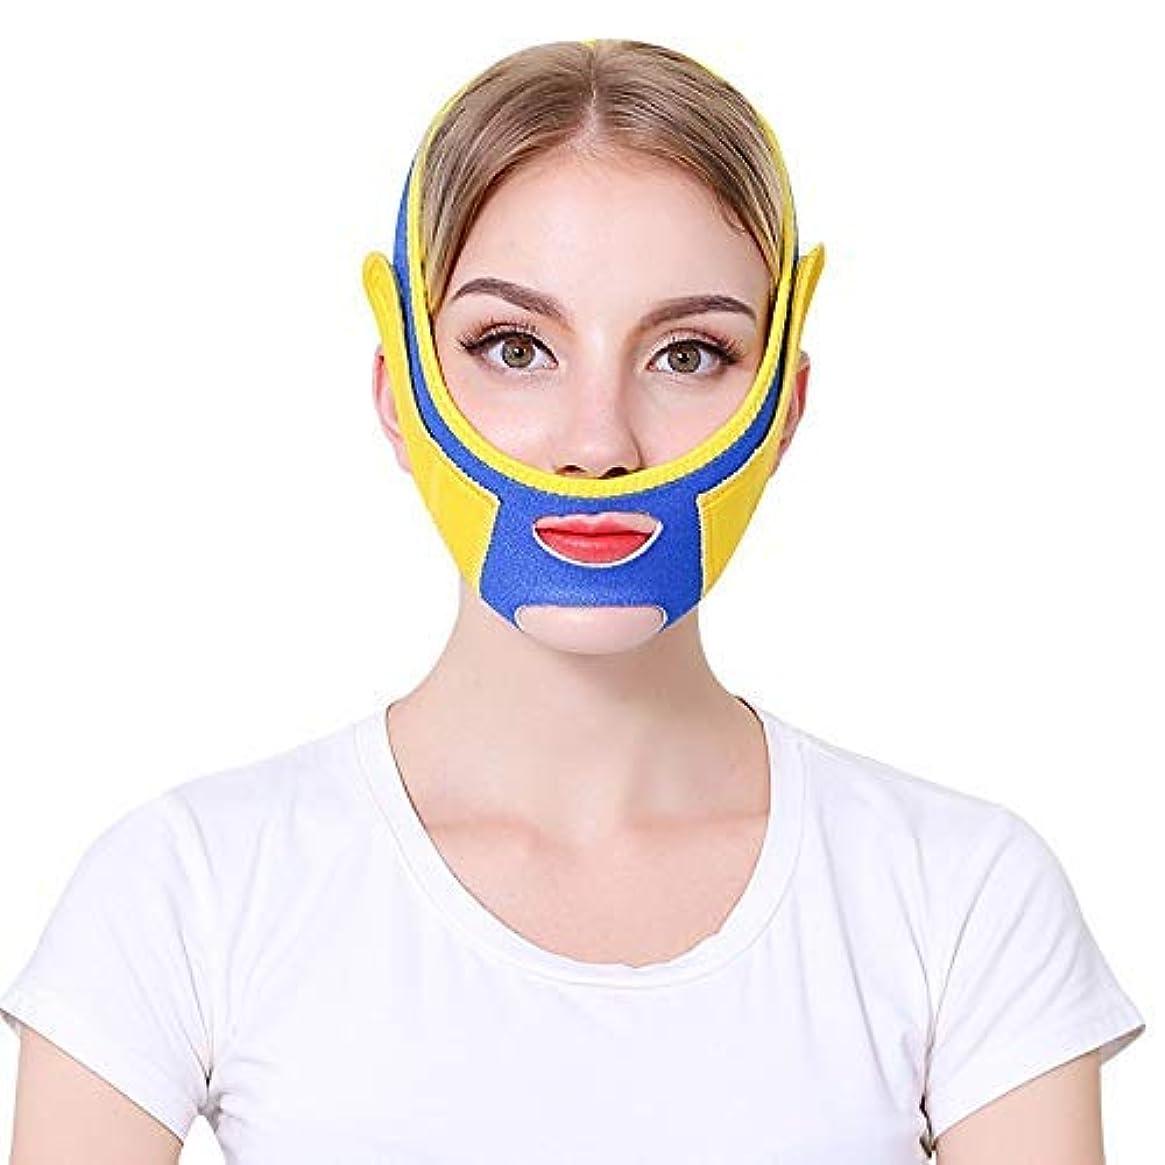 確認してくださいマーカー矢印HUYYA 薄い顔包帯顔スリムは、二重あごを取り除く女性の顔を持ち上げるベルト Vライン頬 二重あごの減量顔,Blue_XX-Large